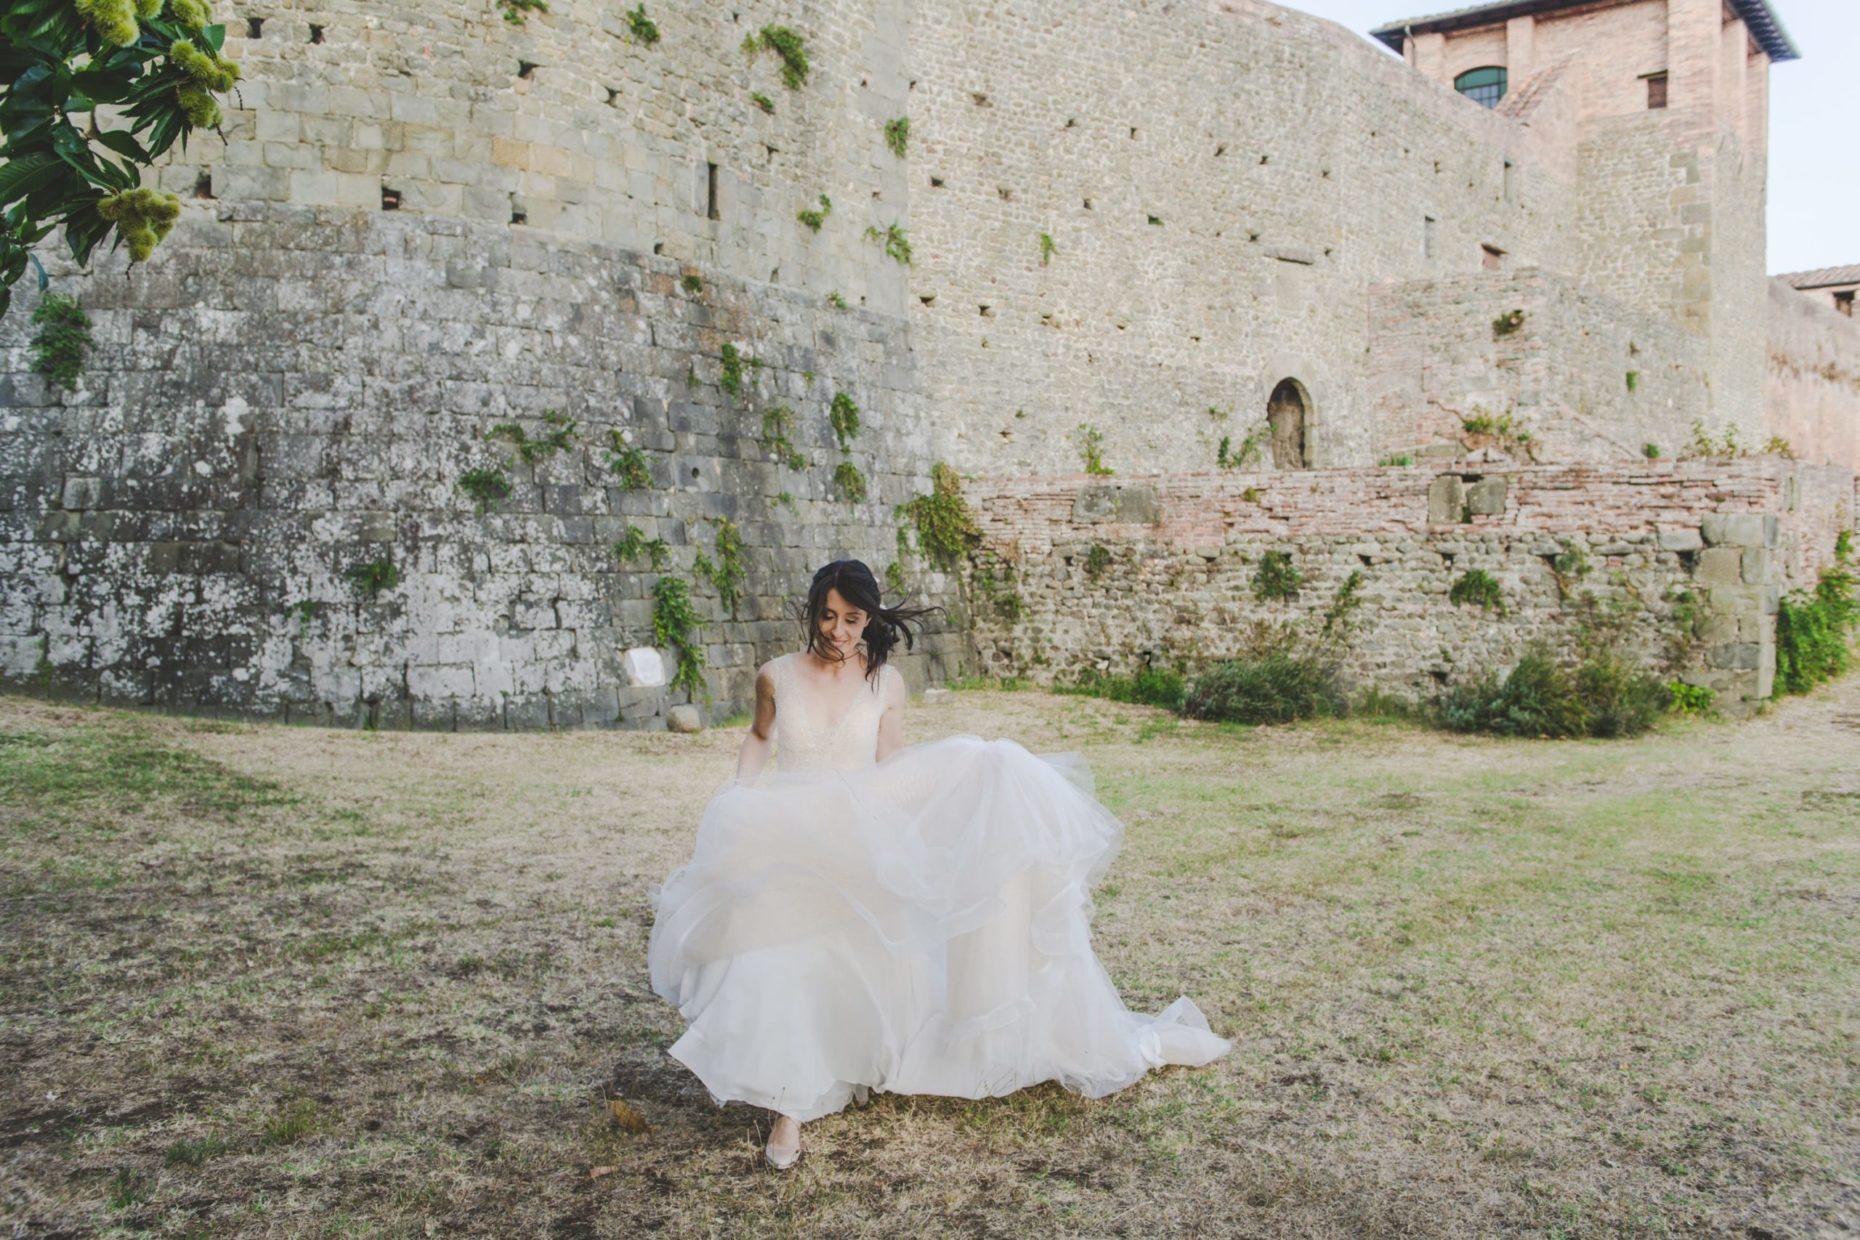 fotografa matrimonio lucca pisa montecatini versilia forte dei marmi pietrasanta viareggio massa